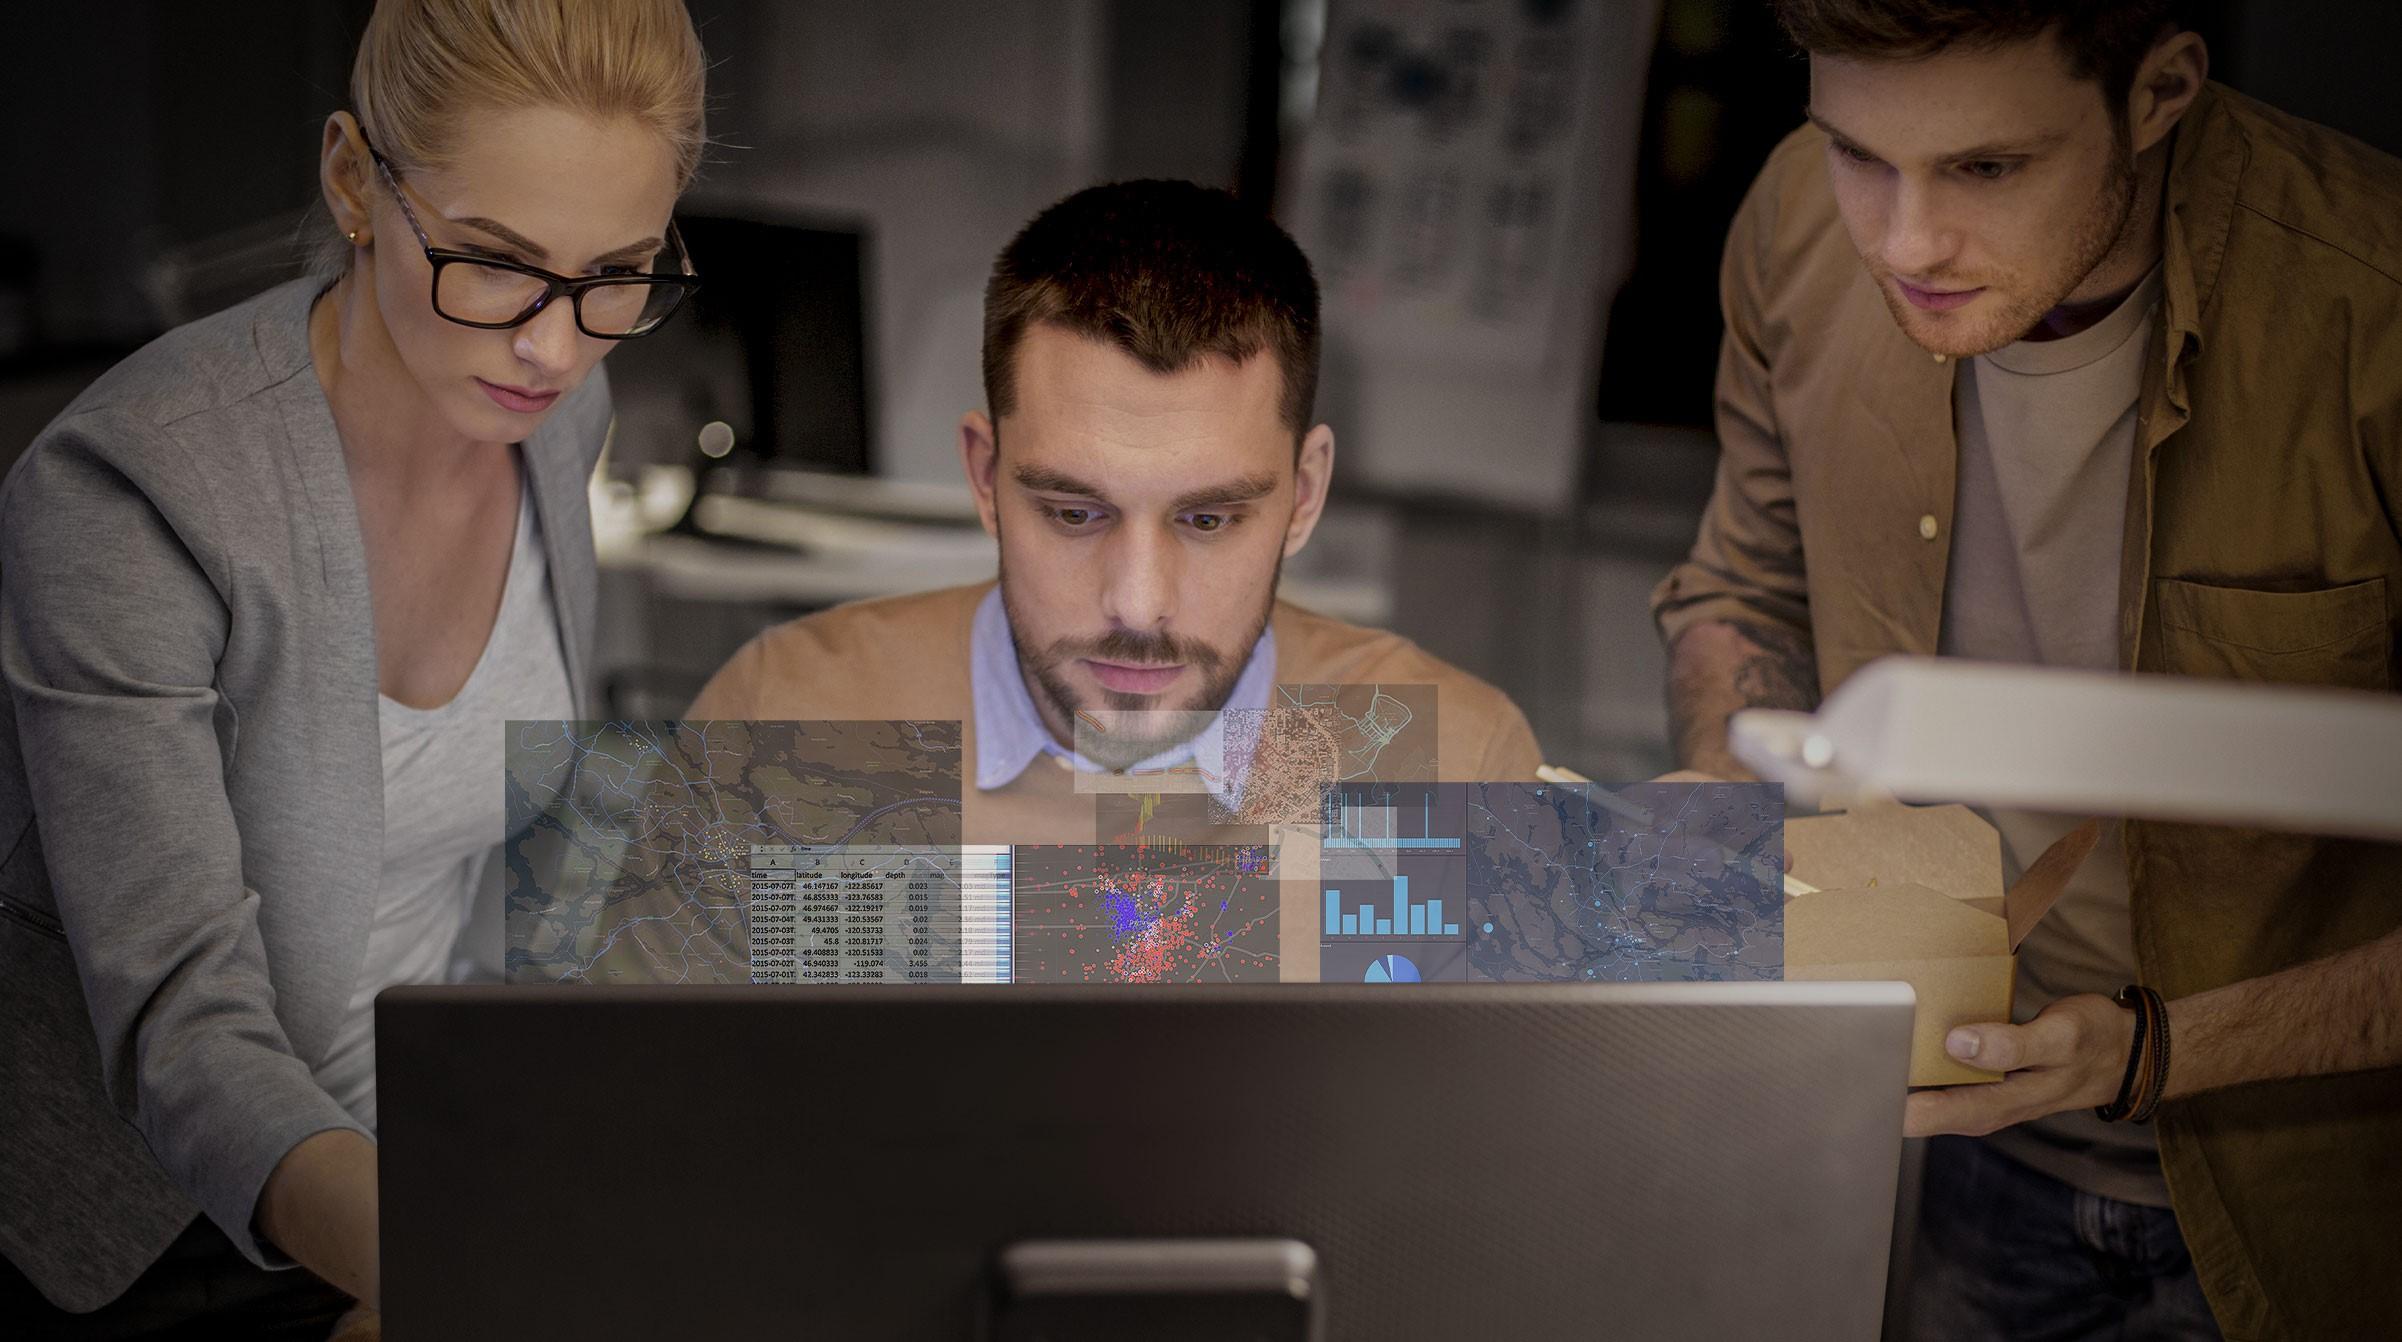 Tre unga tjänstemän tittar på en dataskärm